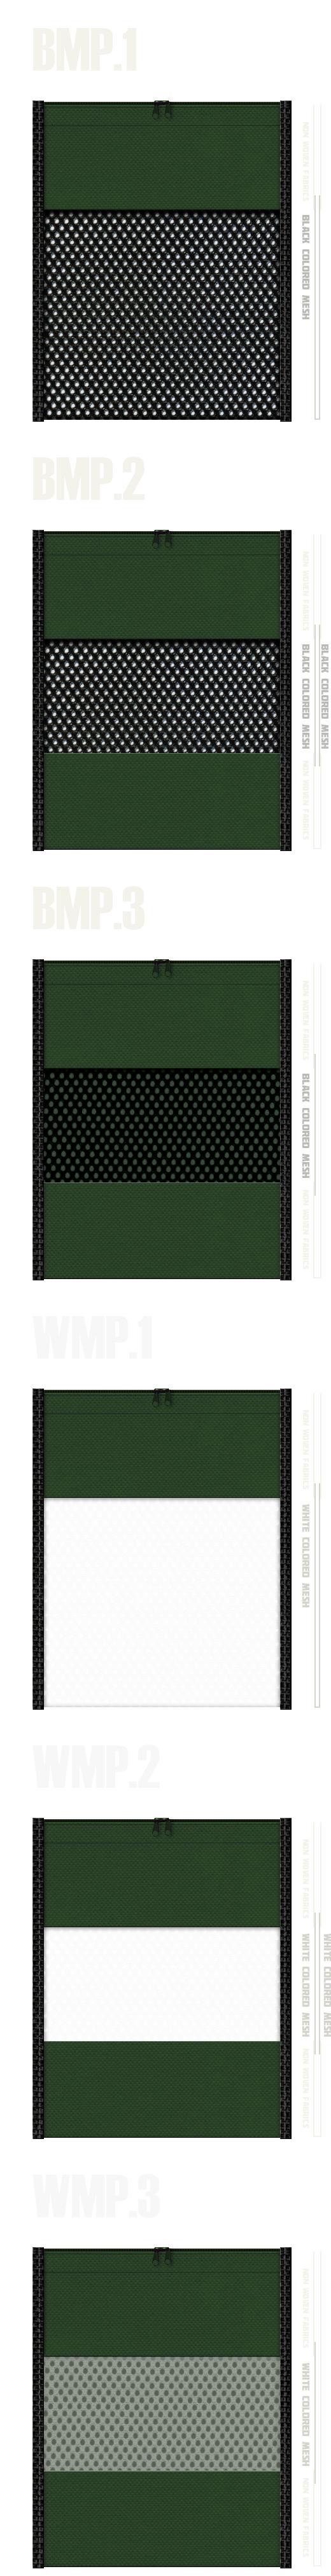 メッシュポーチのカラーシミュレーション:黒色・白色メッシュと濃緑色不織布の組み合わせ